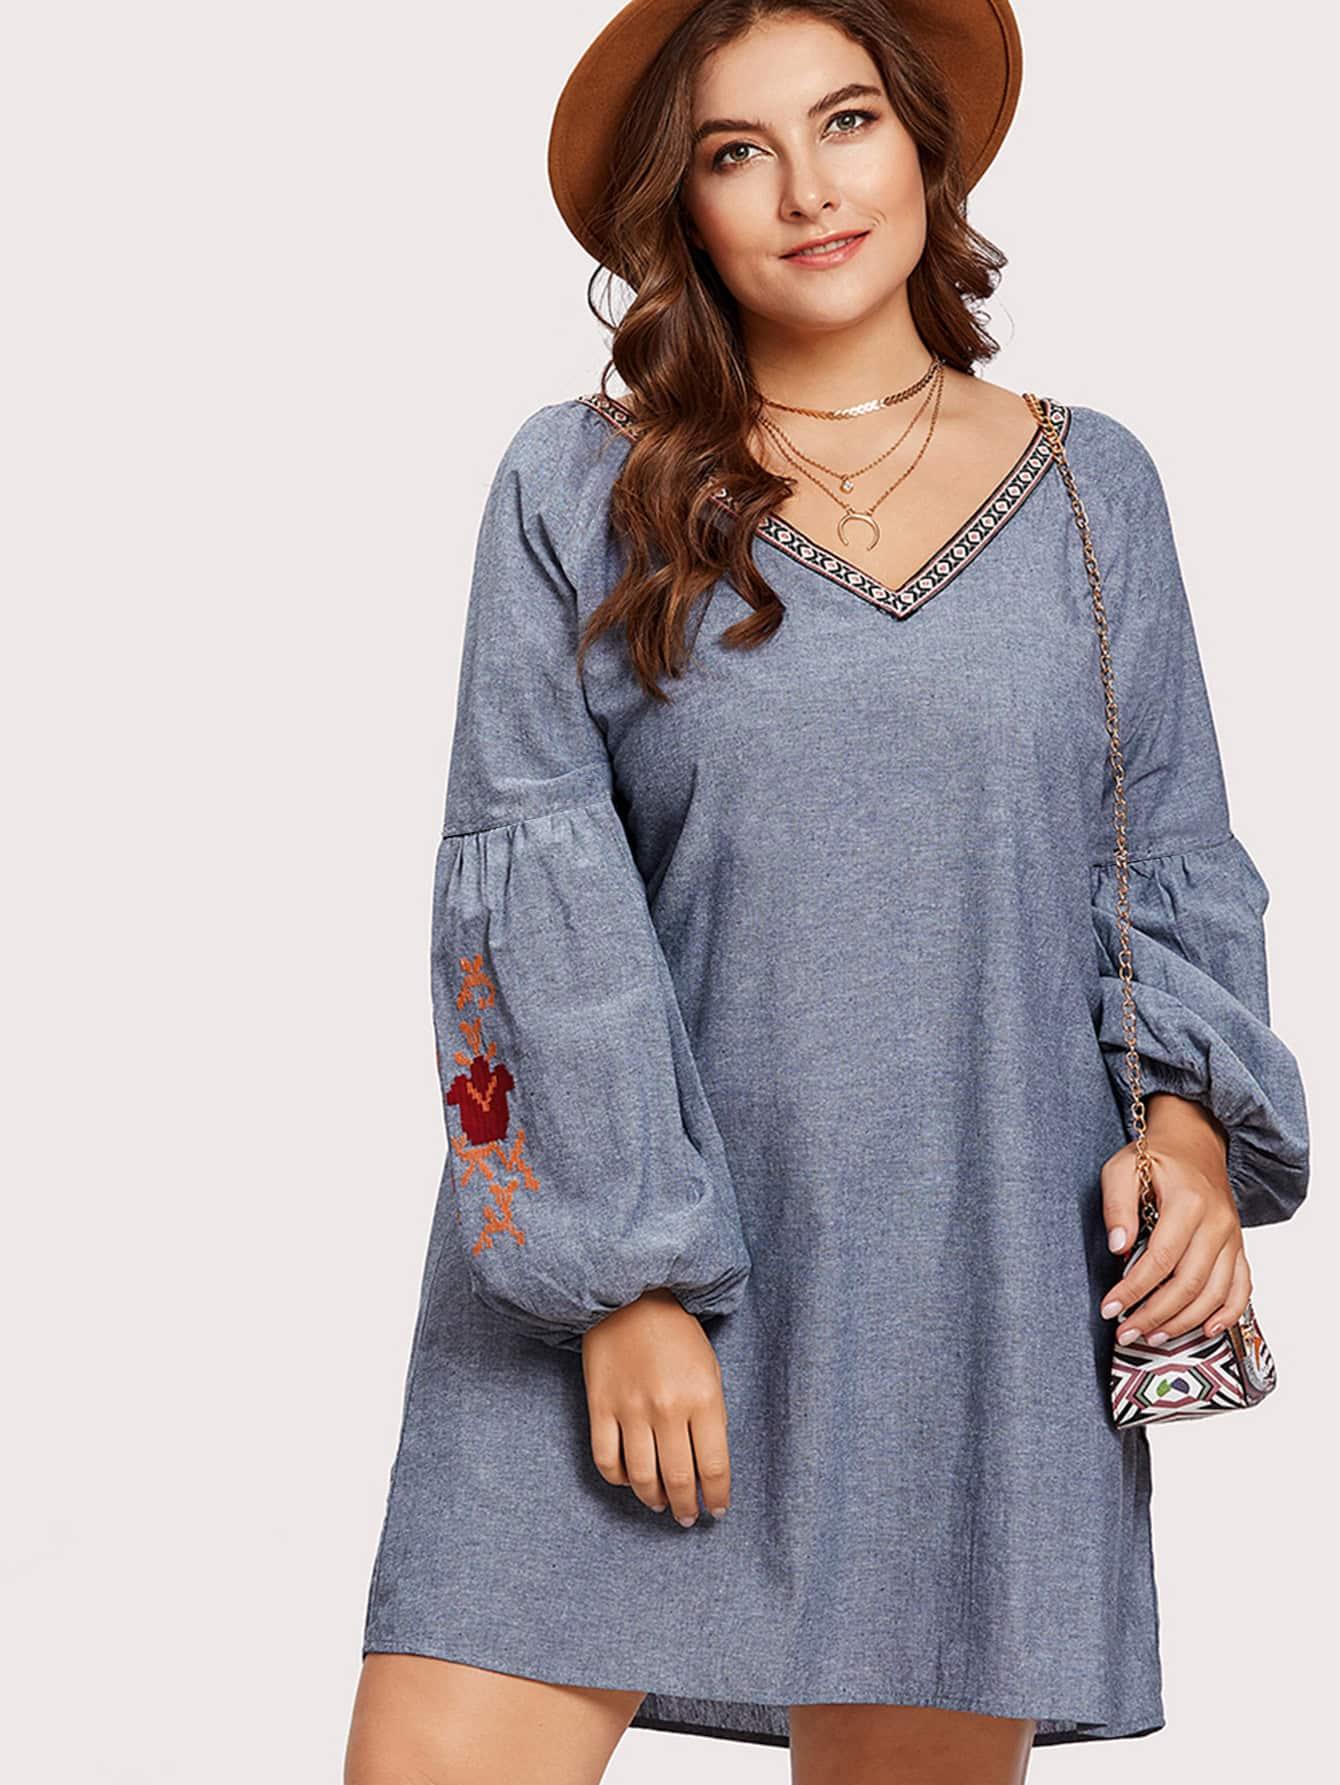 Embroidery Bishop Sleeve Swing Dress bishop sleeve tropical print dress